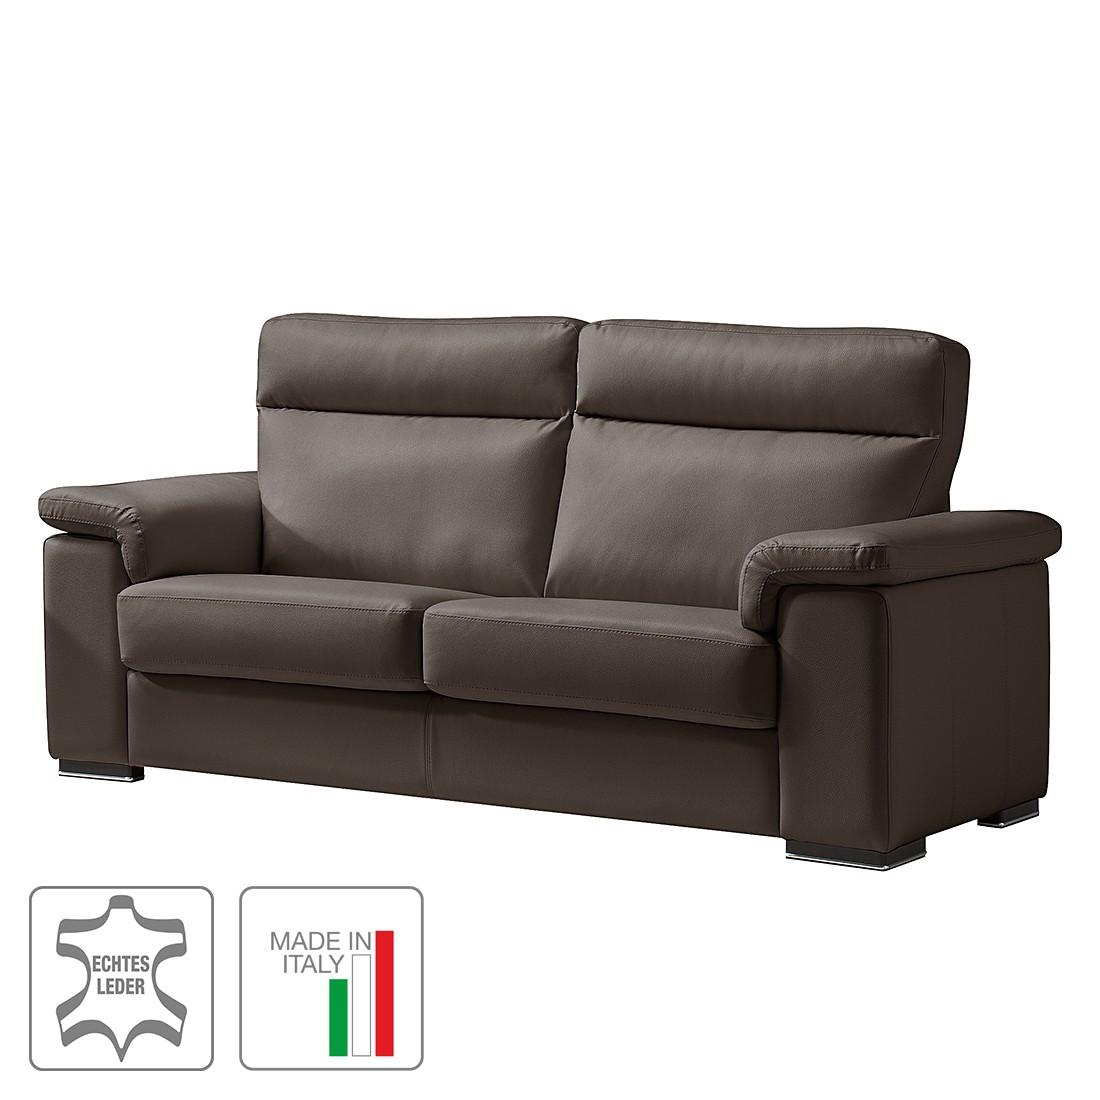 Sofa Babylon (2,5-Sitzer) – Echtleder – Keine Funktion – Dunkelbraun, Trend Italiano günstig kaufen